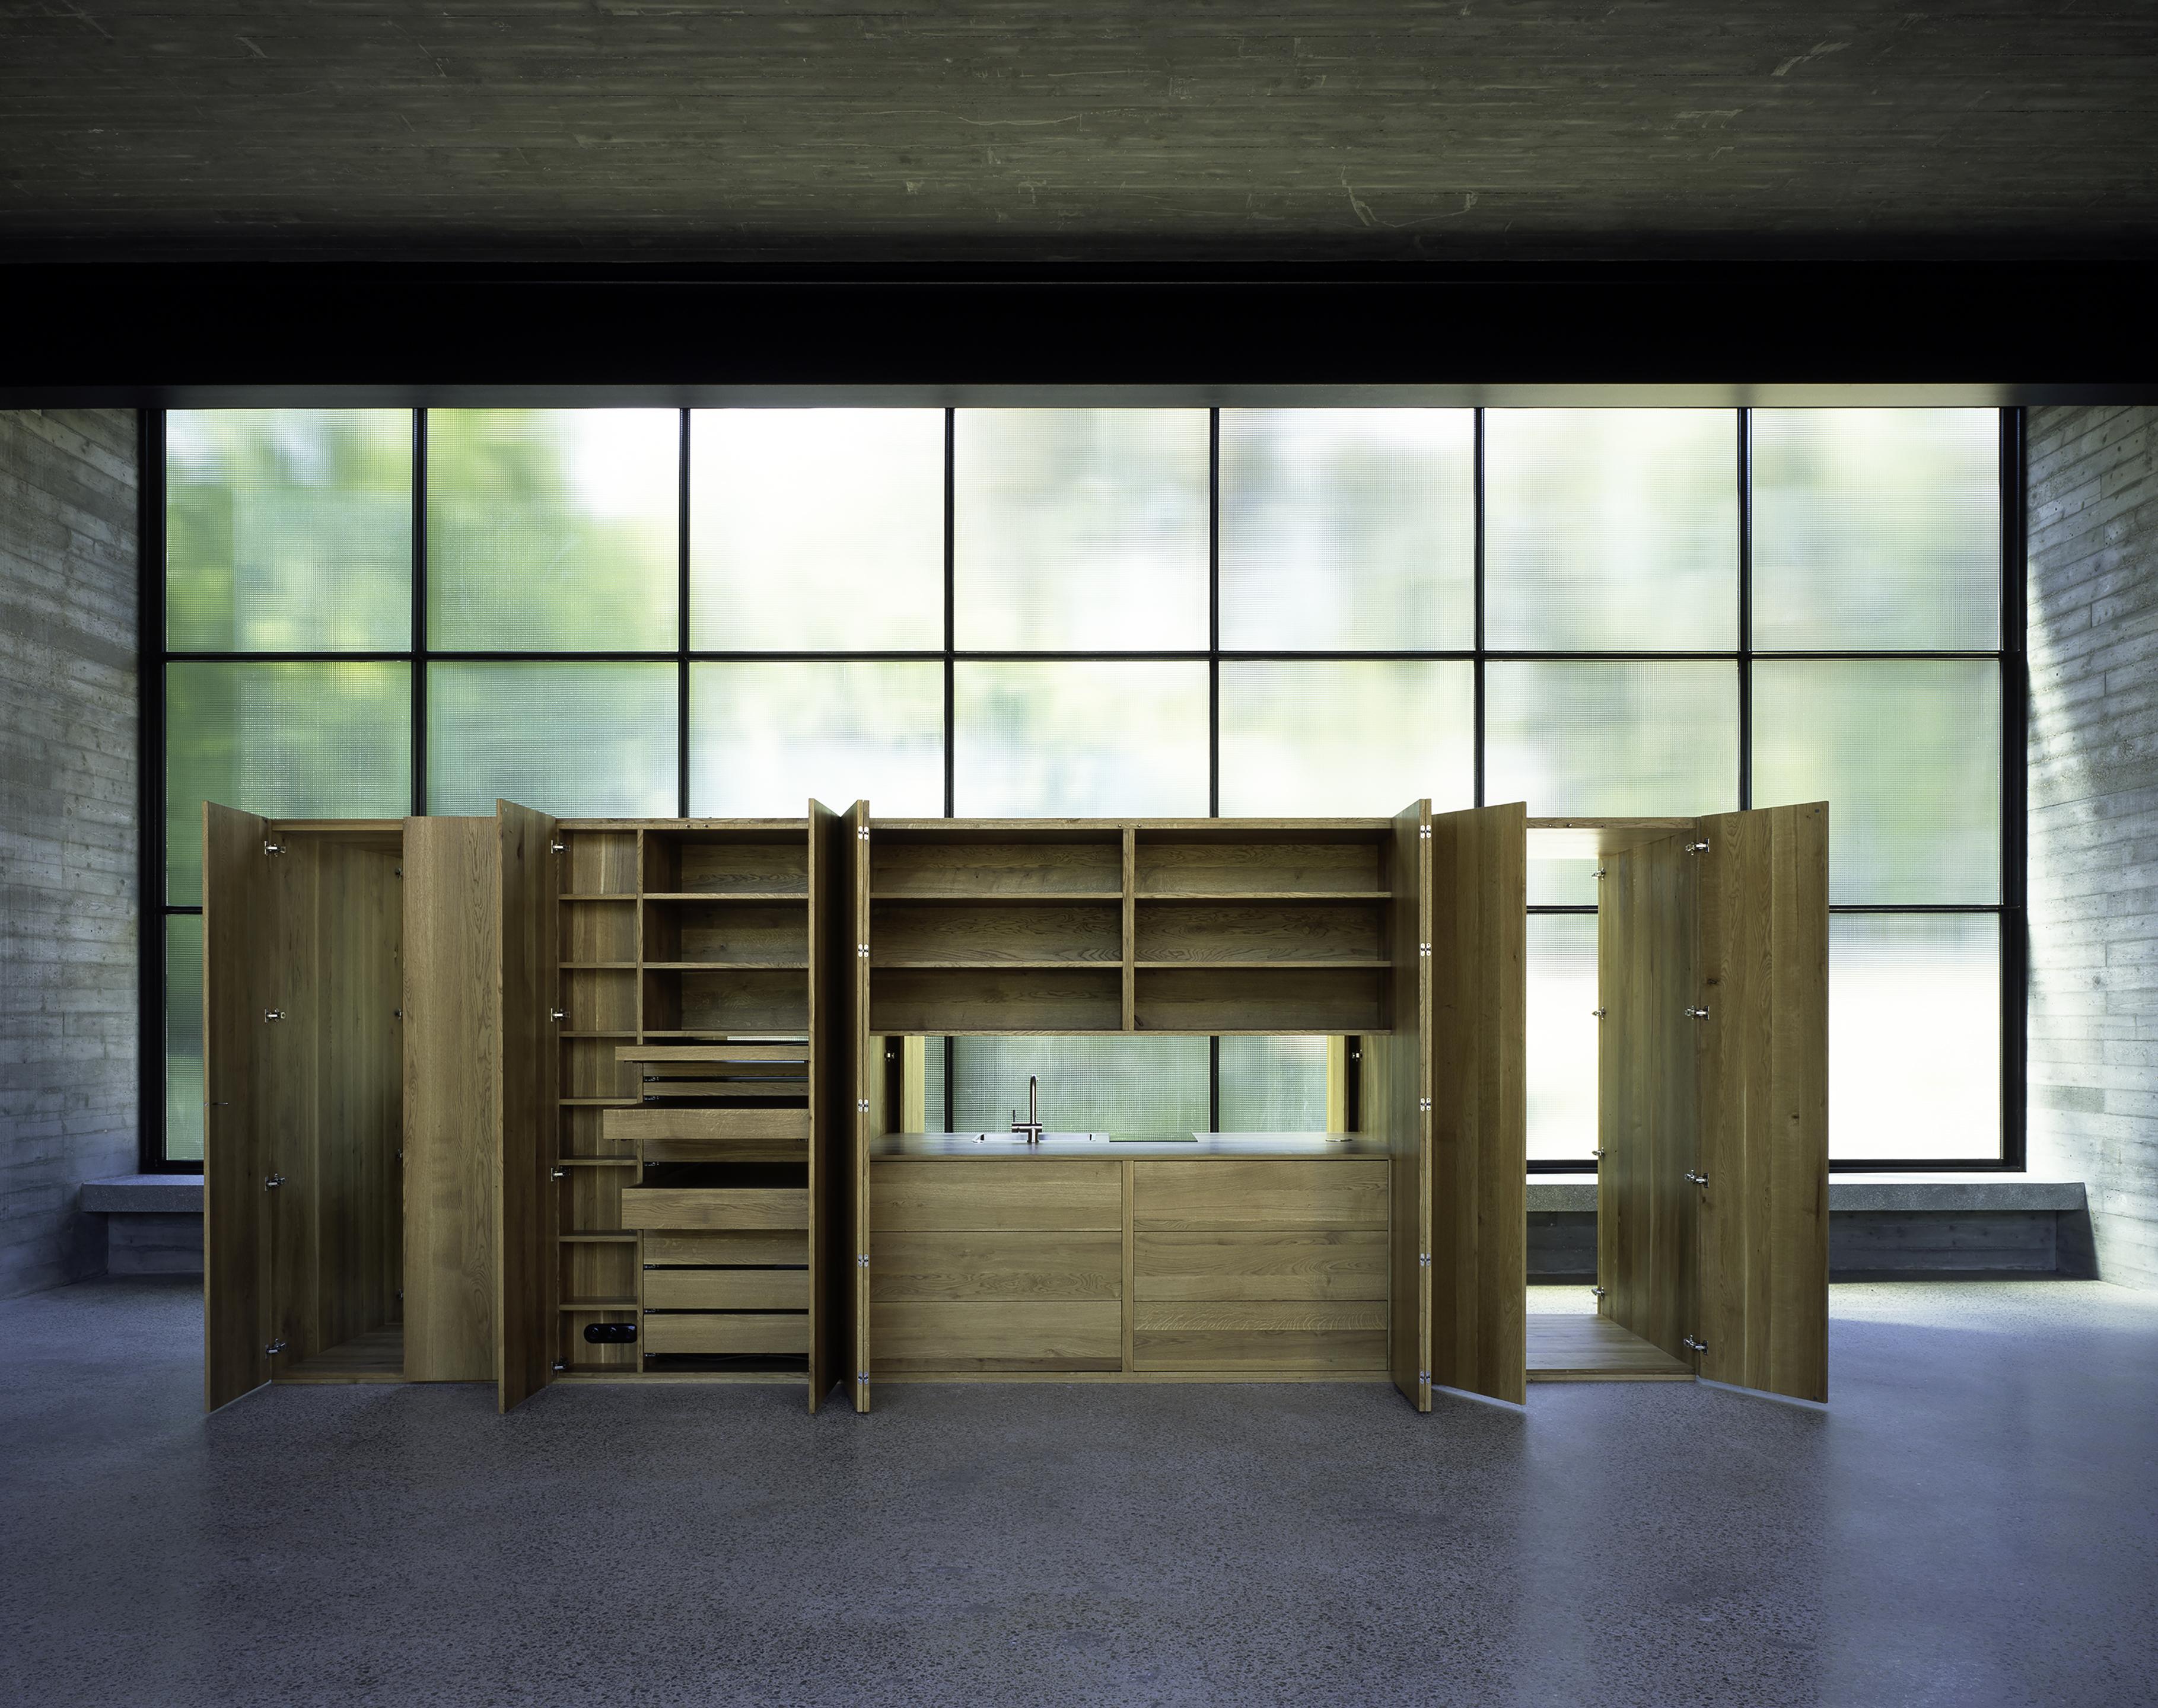 (GŁÓWNE) Atelier_Sosnowska 1 (fot. Hélène Binet)